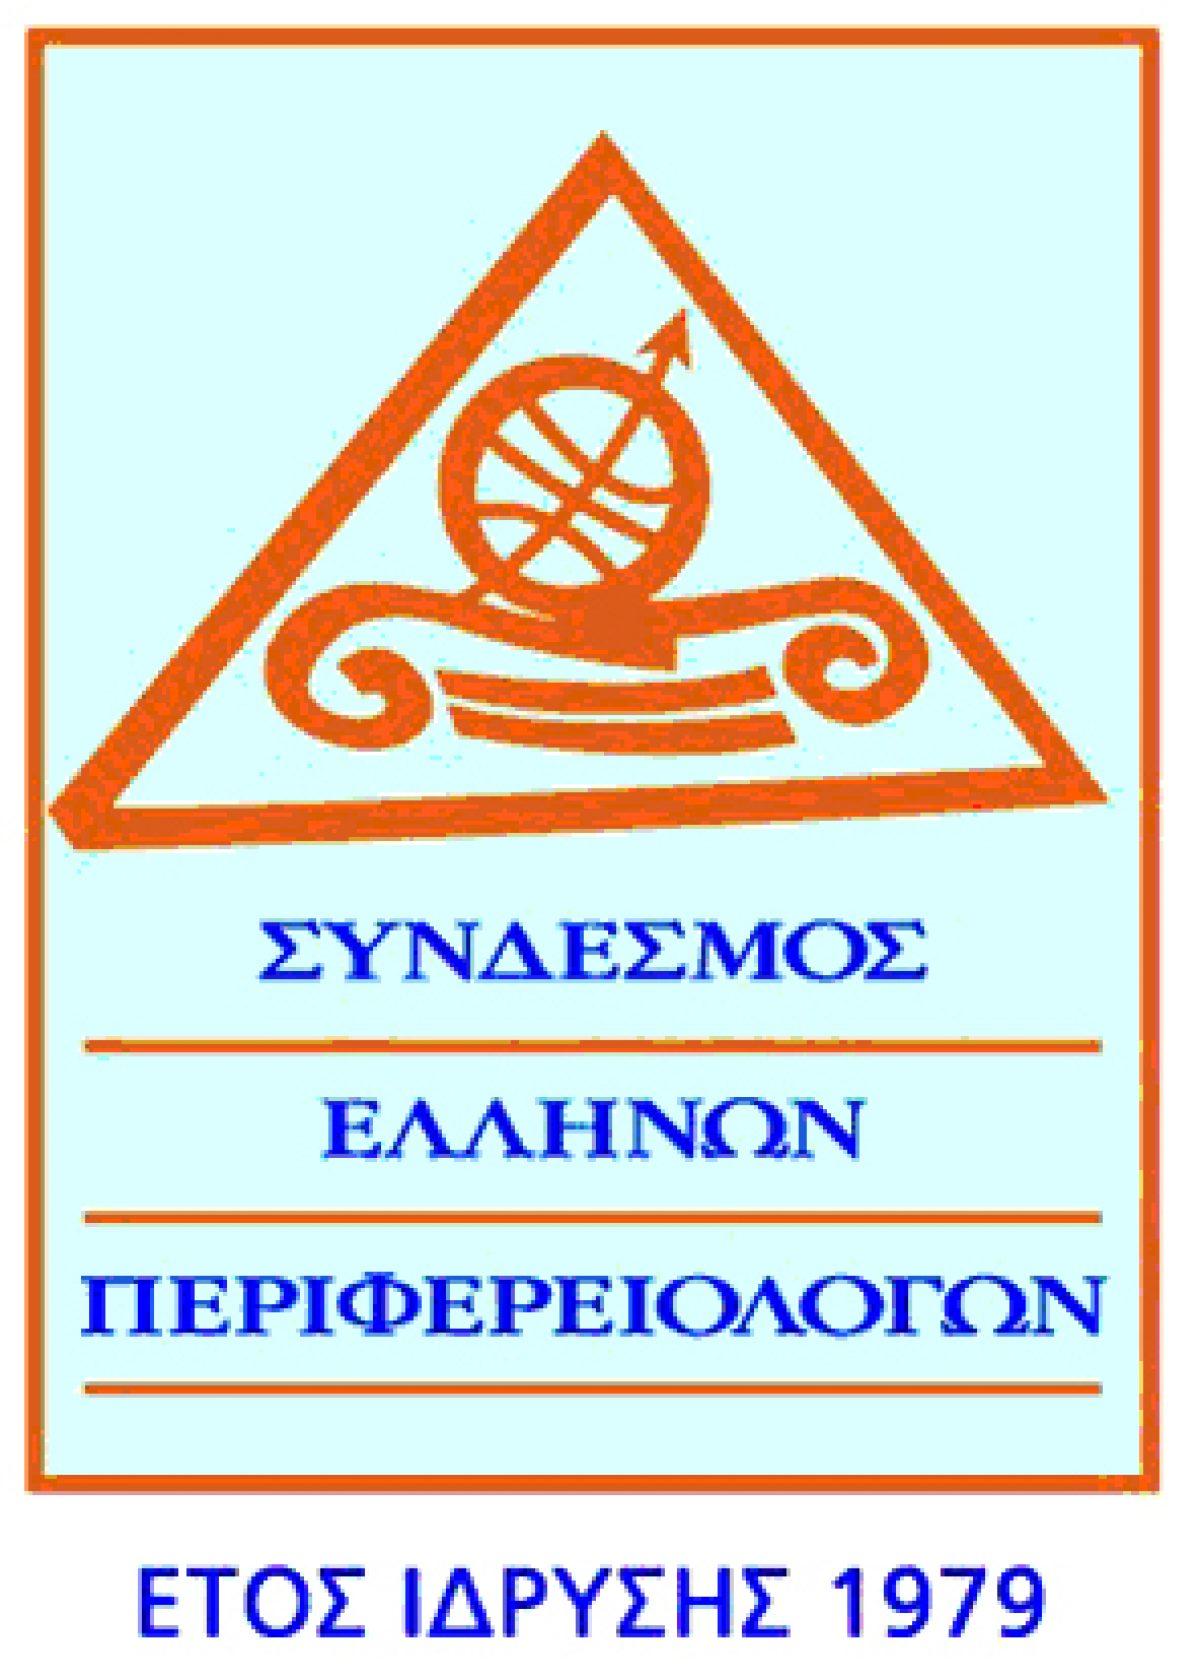 20ο Επιστημονικό Συνέδριο του Συνδέσμου Ελλήνων Περιφερειολόγων, 4 – 5 Ιουνίου 2018